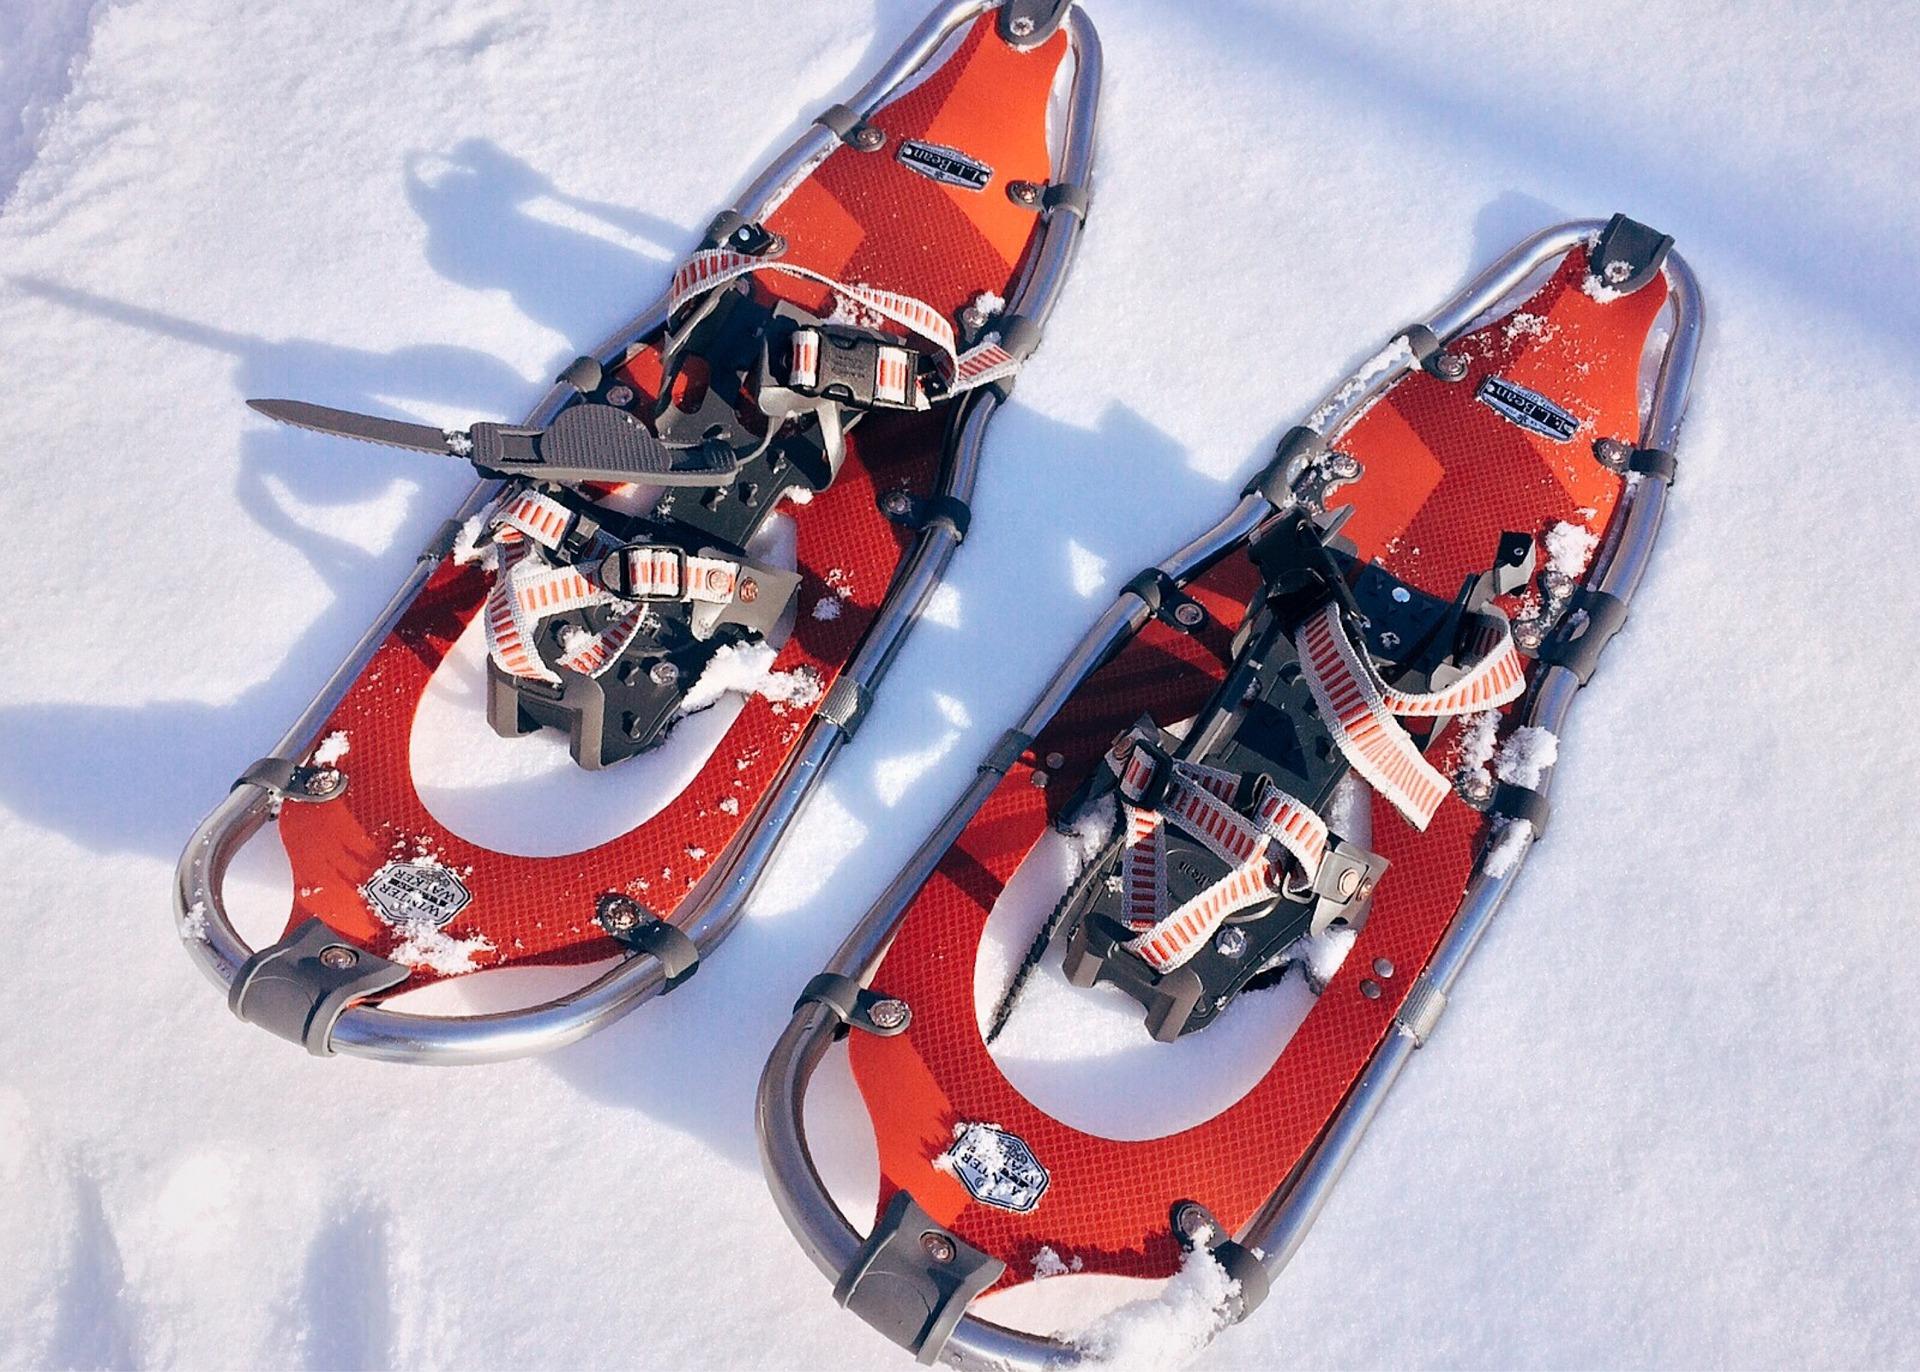 De sneeuwschoenen die je draagt tijdens een sneeuwschoenwandeling